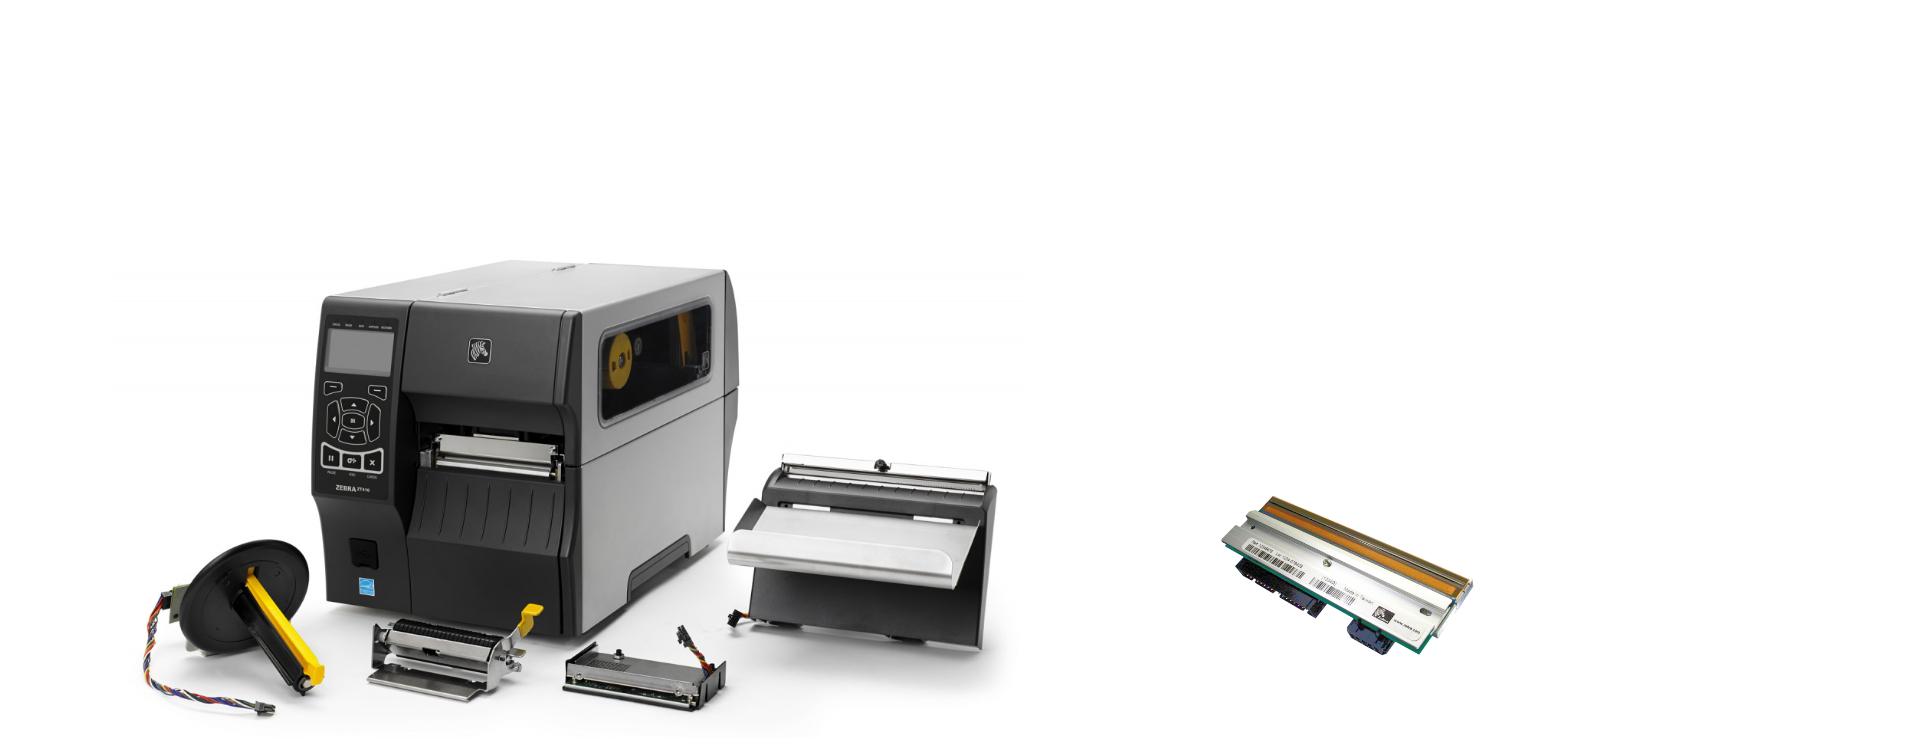 Etikettendrucker Zubehör: cab cutter modul, schneidemesser, spendemodul, peel-off, peeler, RFID Modul